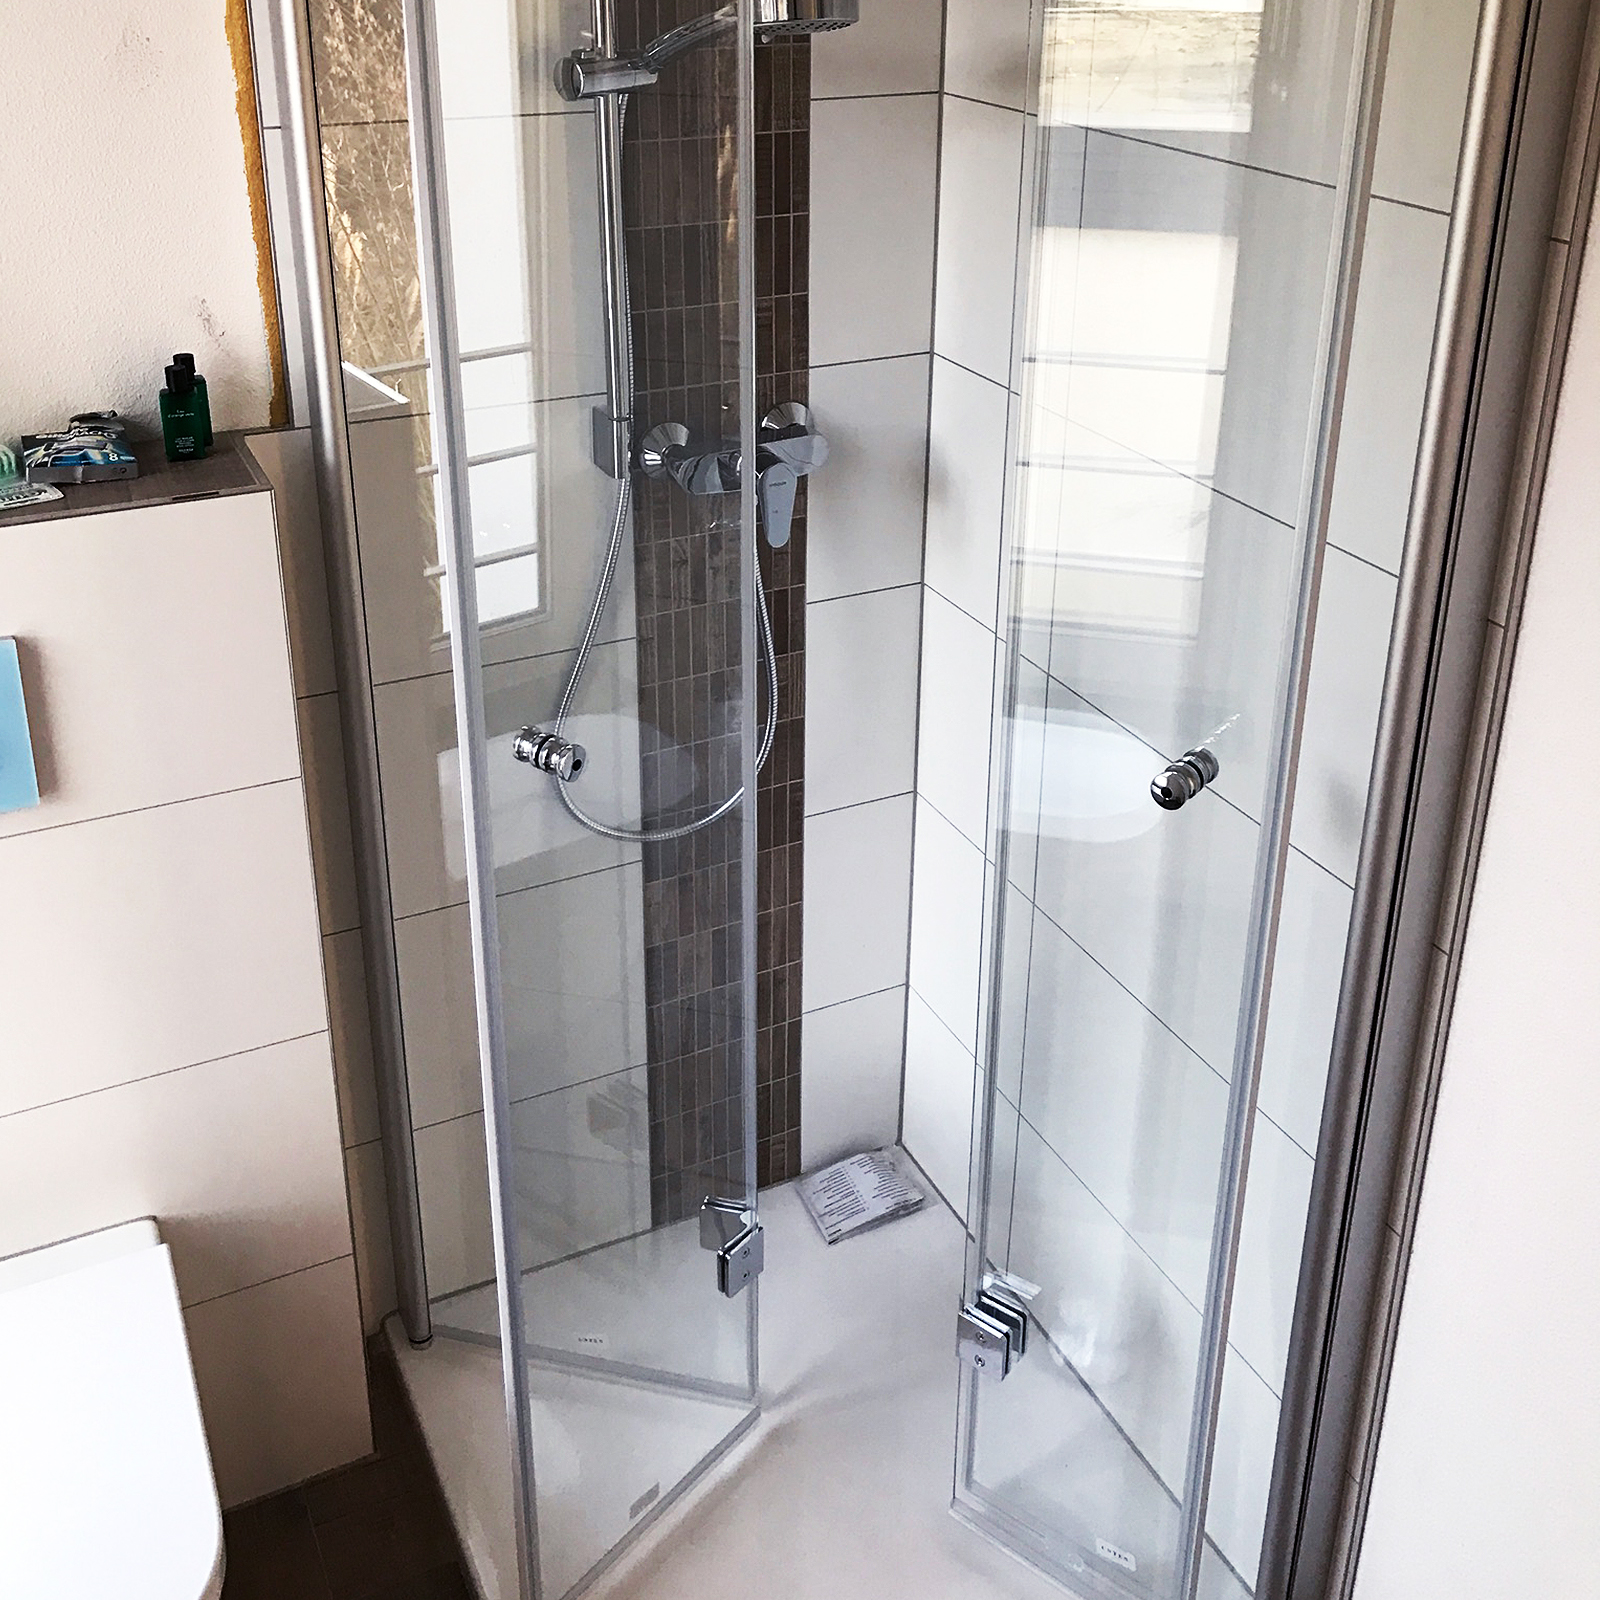 Dusche klappbar (vierteilig)